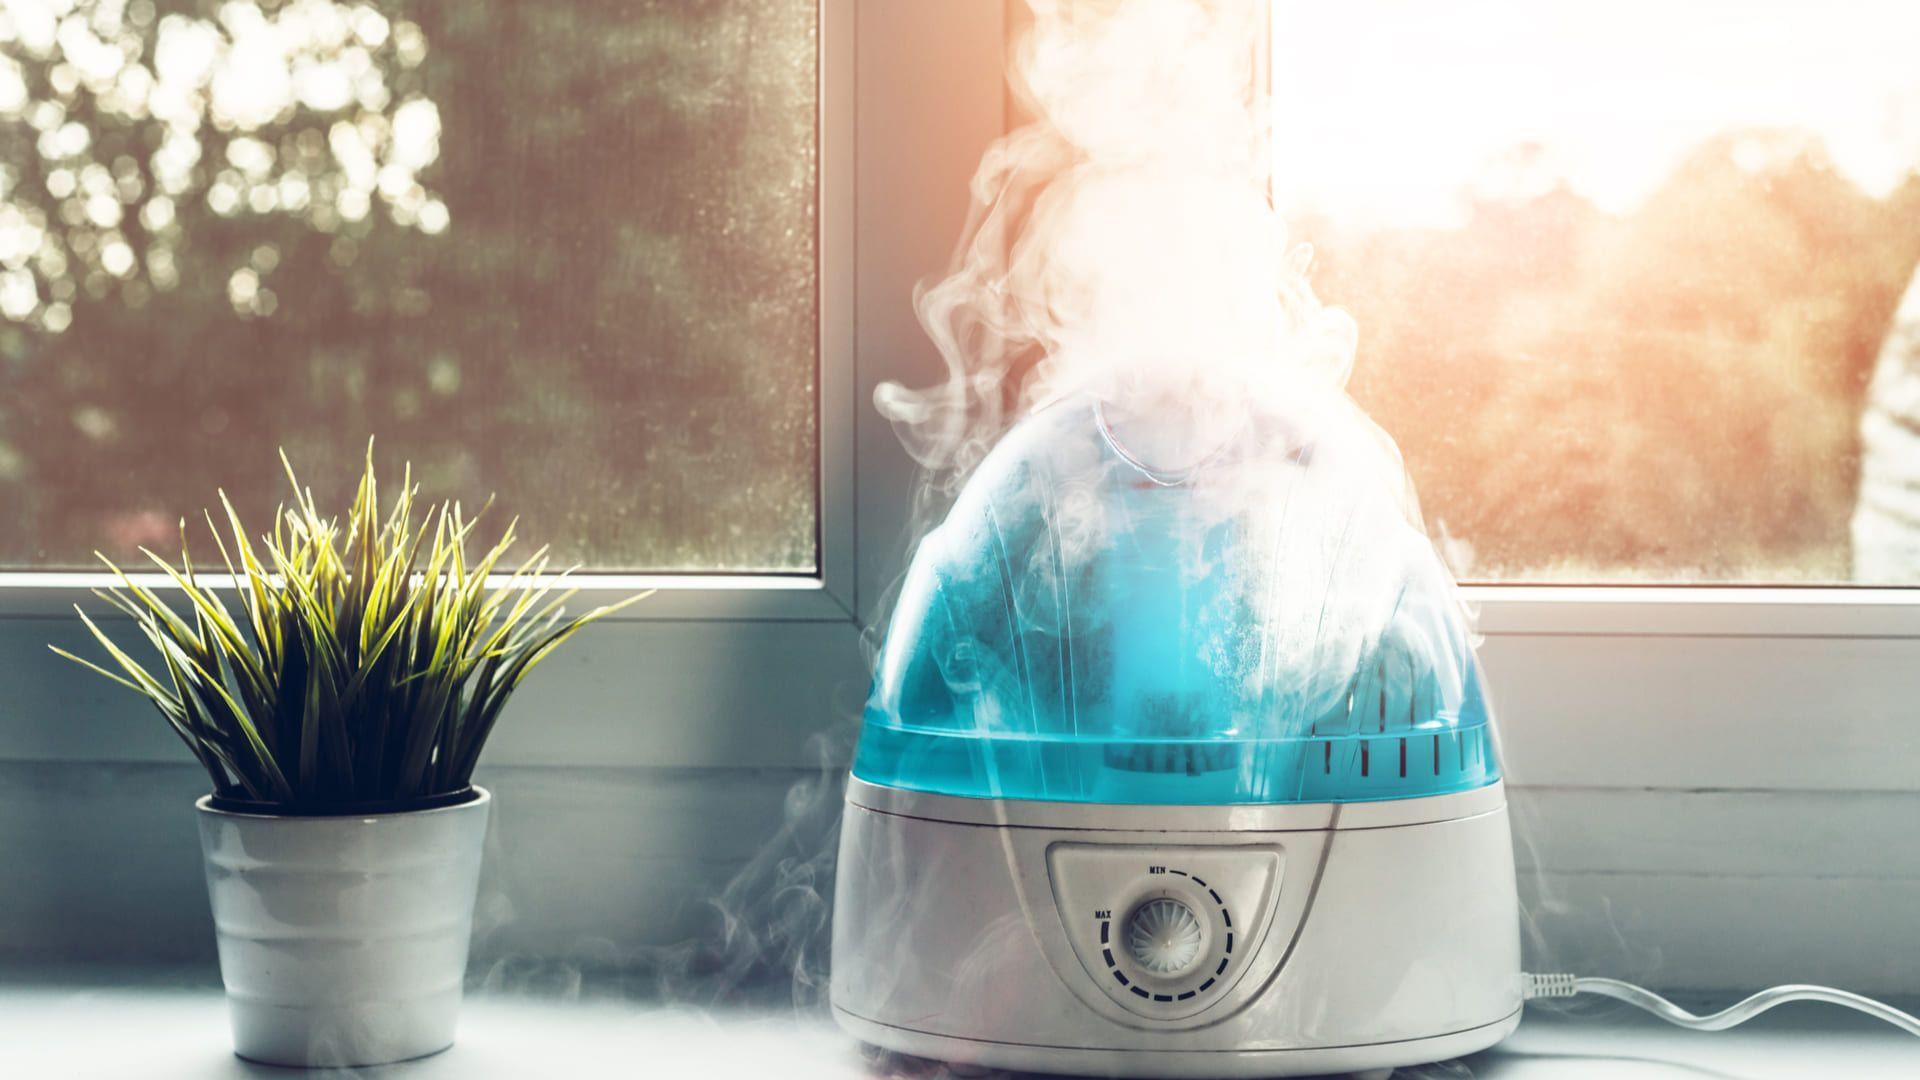 Os umidificadores à vapor são os mais comuns. (Imagem: Reprodução/Shutterstock)